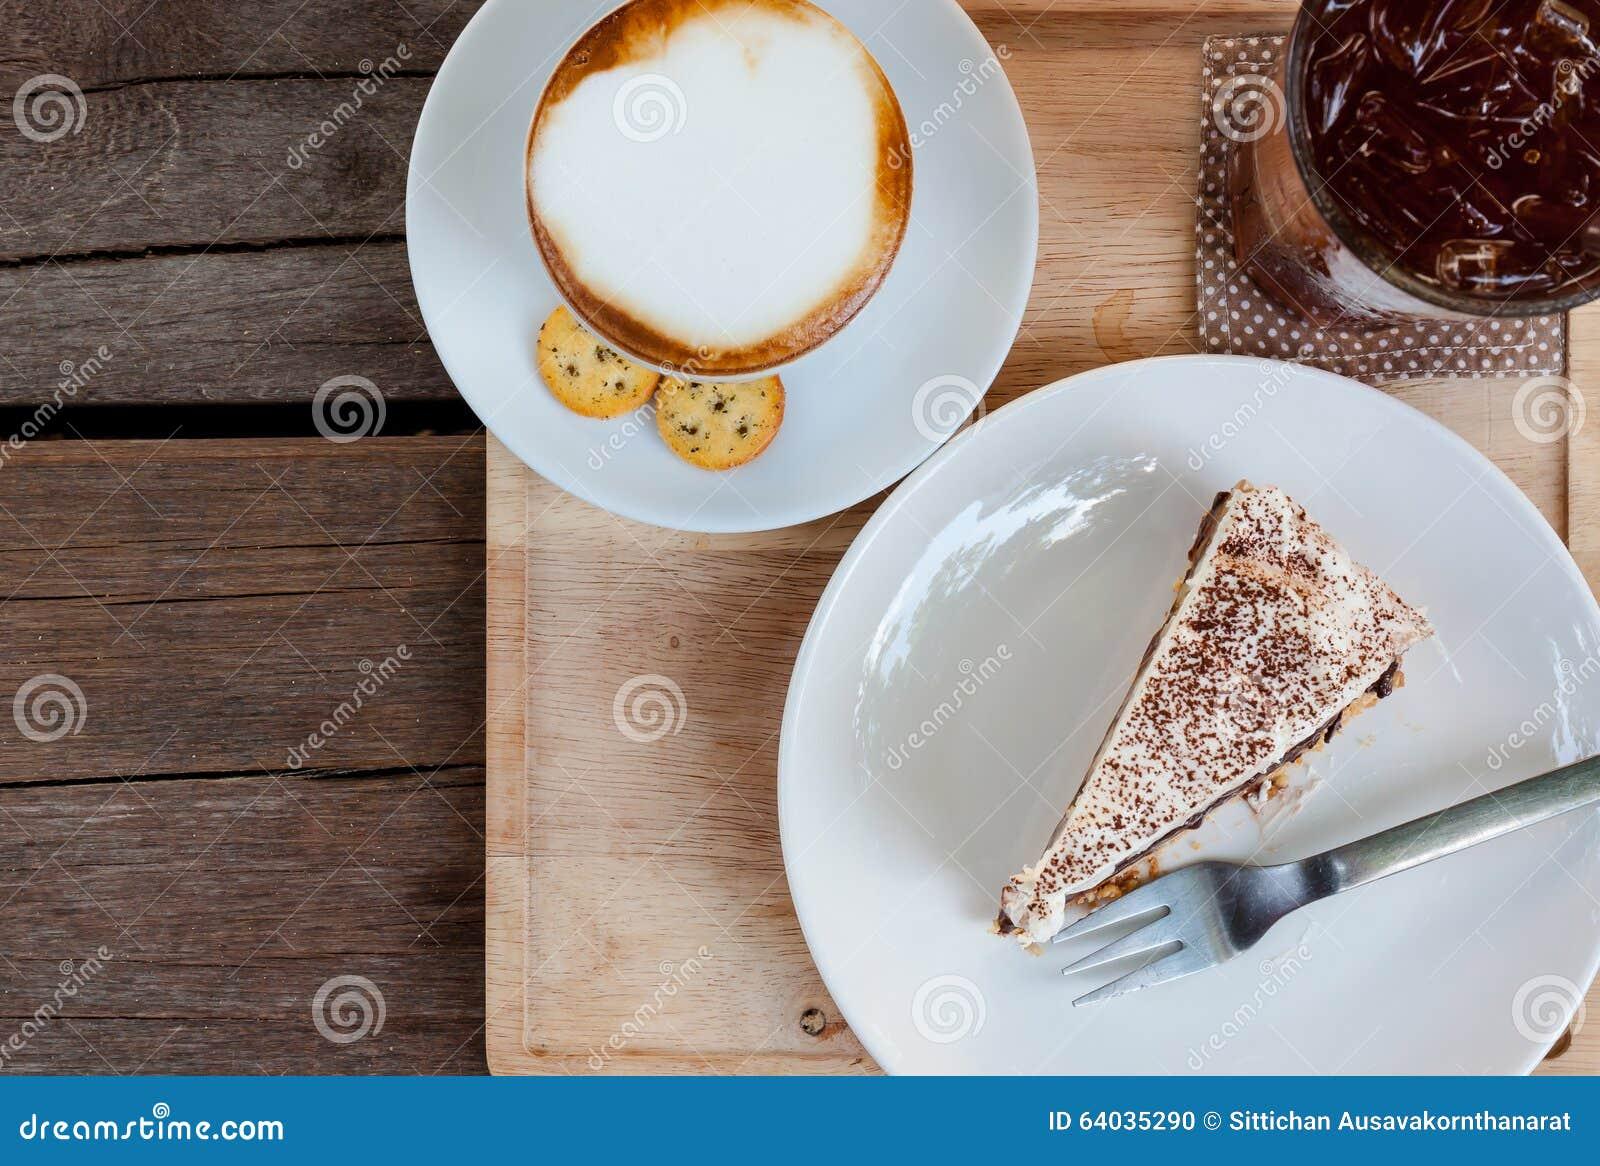 Dried White Tea Cake